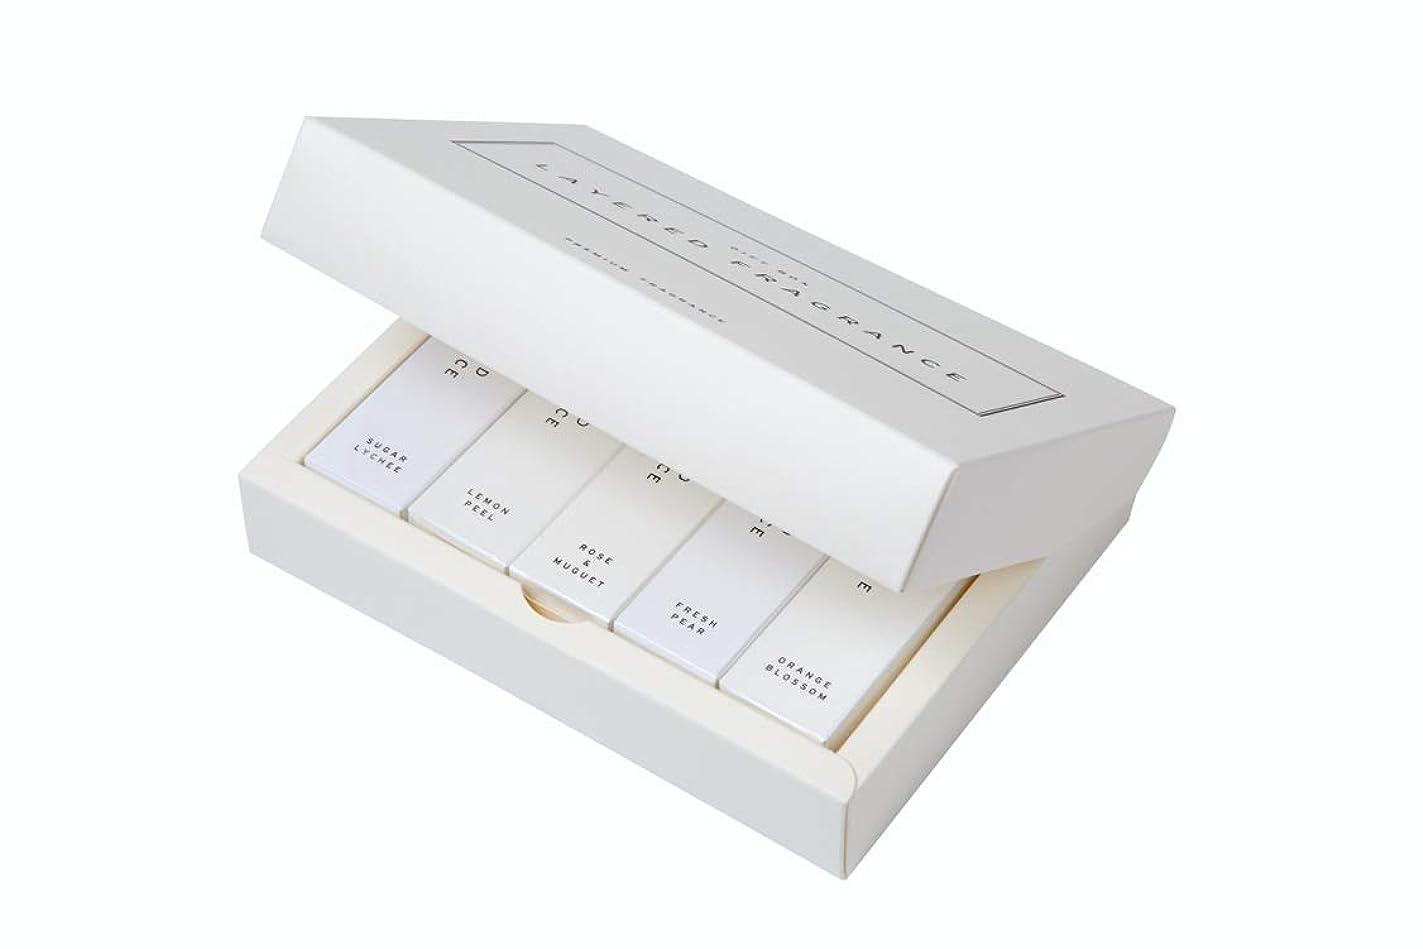 不名誉な非アクティブ移行するレイヤードフレグランス ボディスプレー ミニサイズ 5本ギフトセット(BOX付) LAYERED FRAGRANCE BODY SPRAY MINI SIZE GIFT SET with GIFT BOX